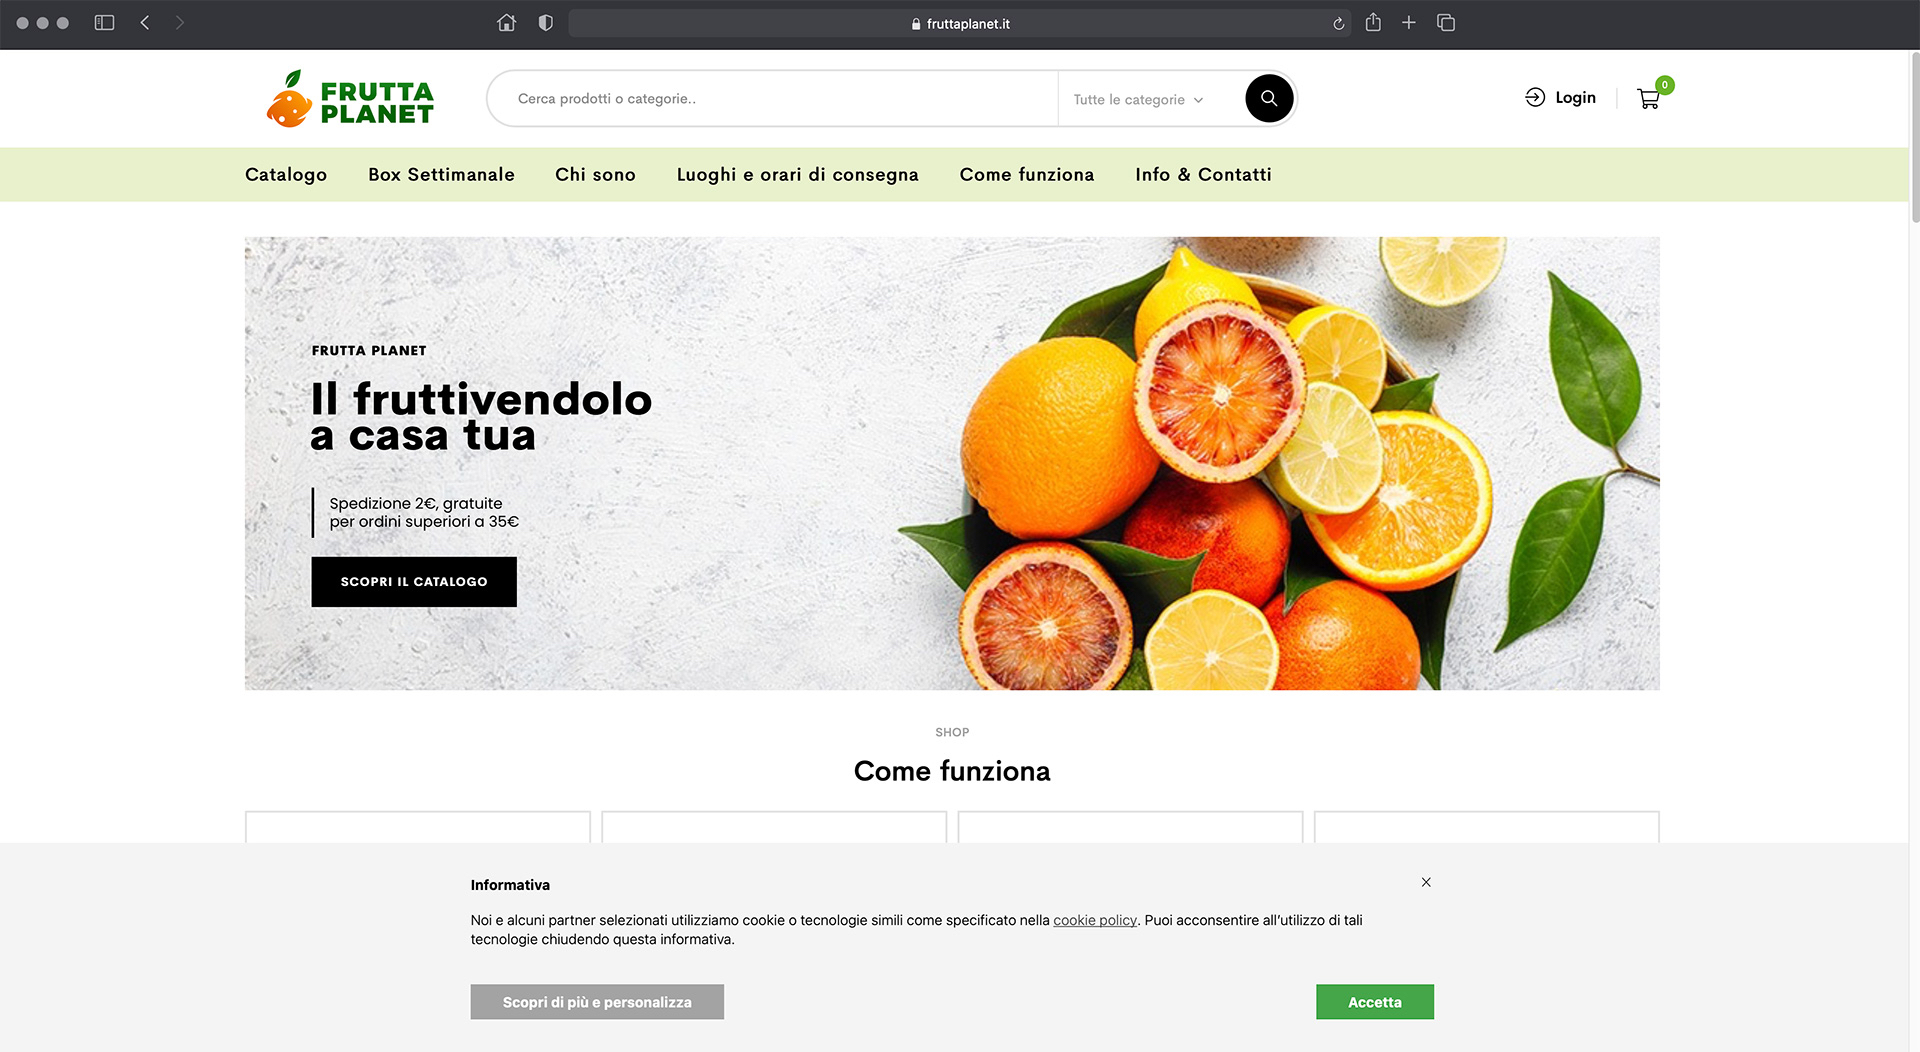 realizzazione-sito-web-ecommerce-fruttivendolo-negozio-frutta-online-brescia-mantova_01